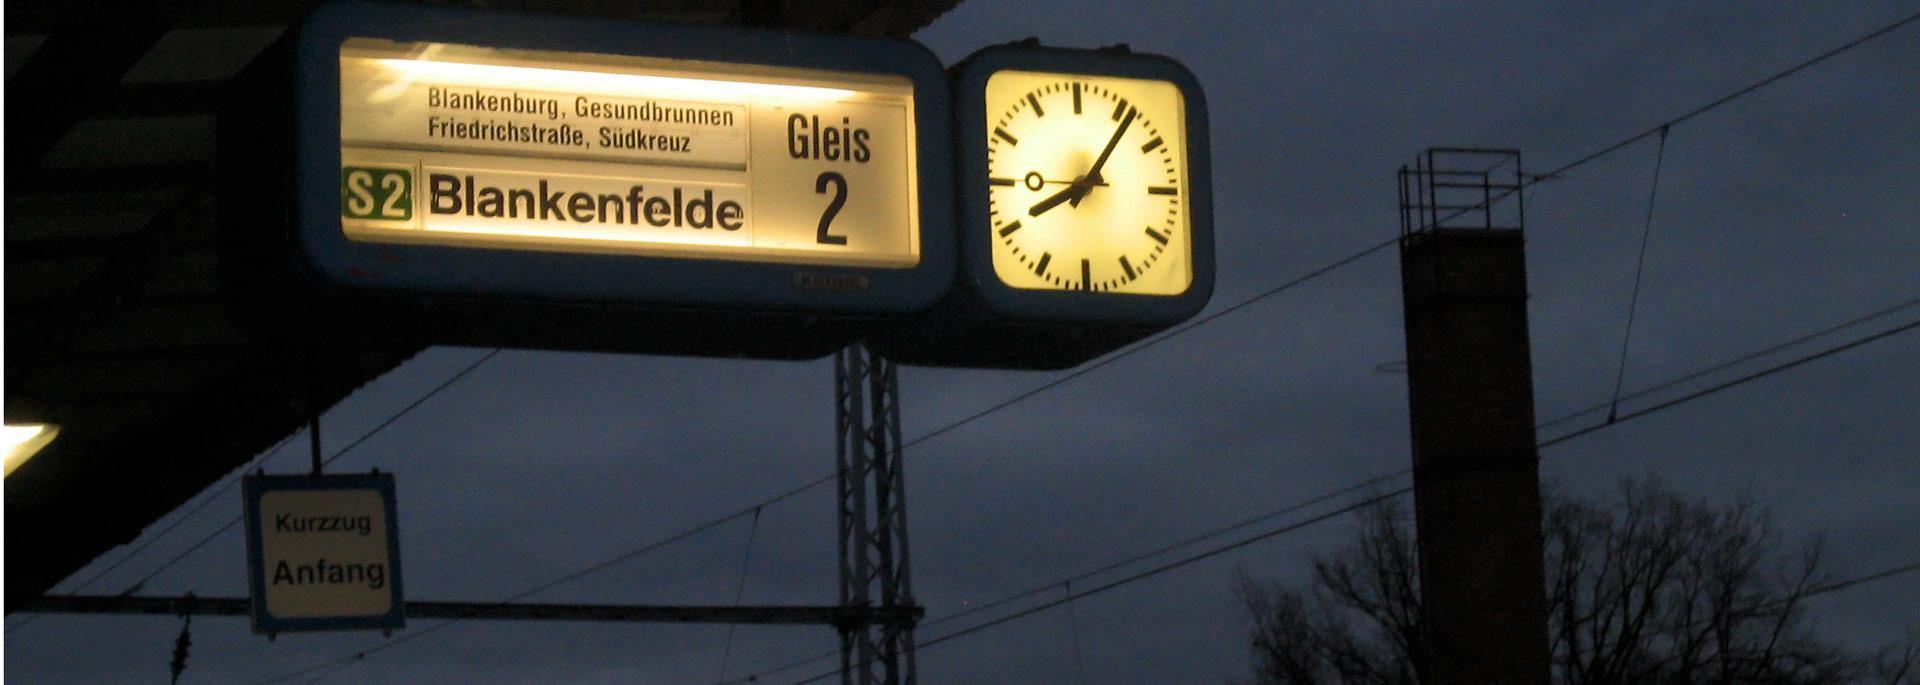 Warum der Weg zur täglichen Arbeit in Berlin auch eine Reise sein kann